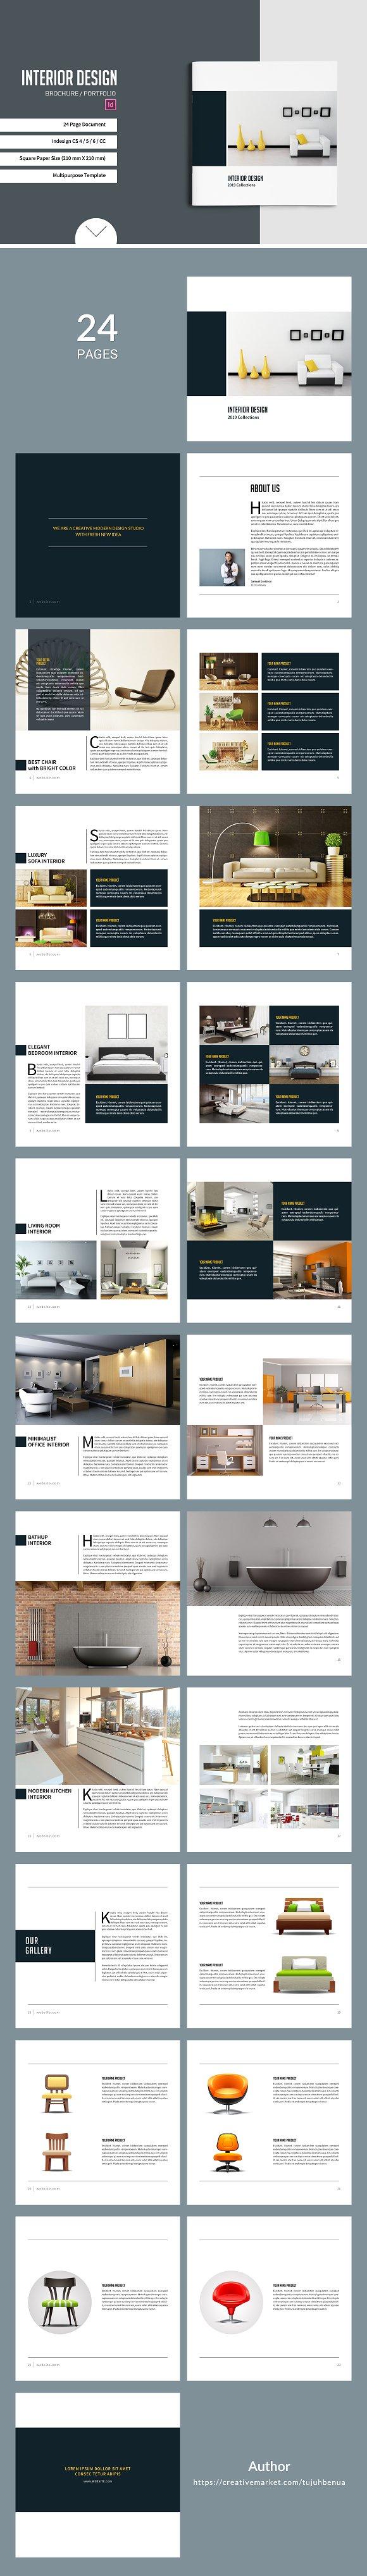 Pin von Creative Volt auf Templates Design | Pinterest | Broschüren ...